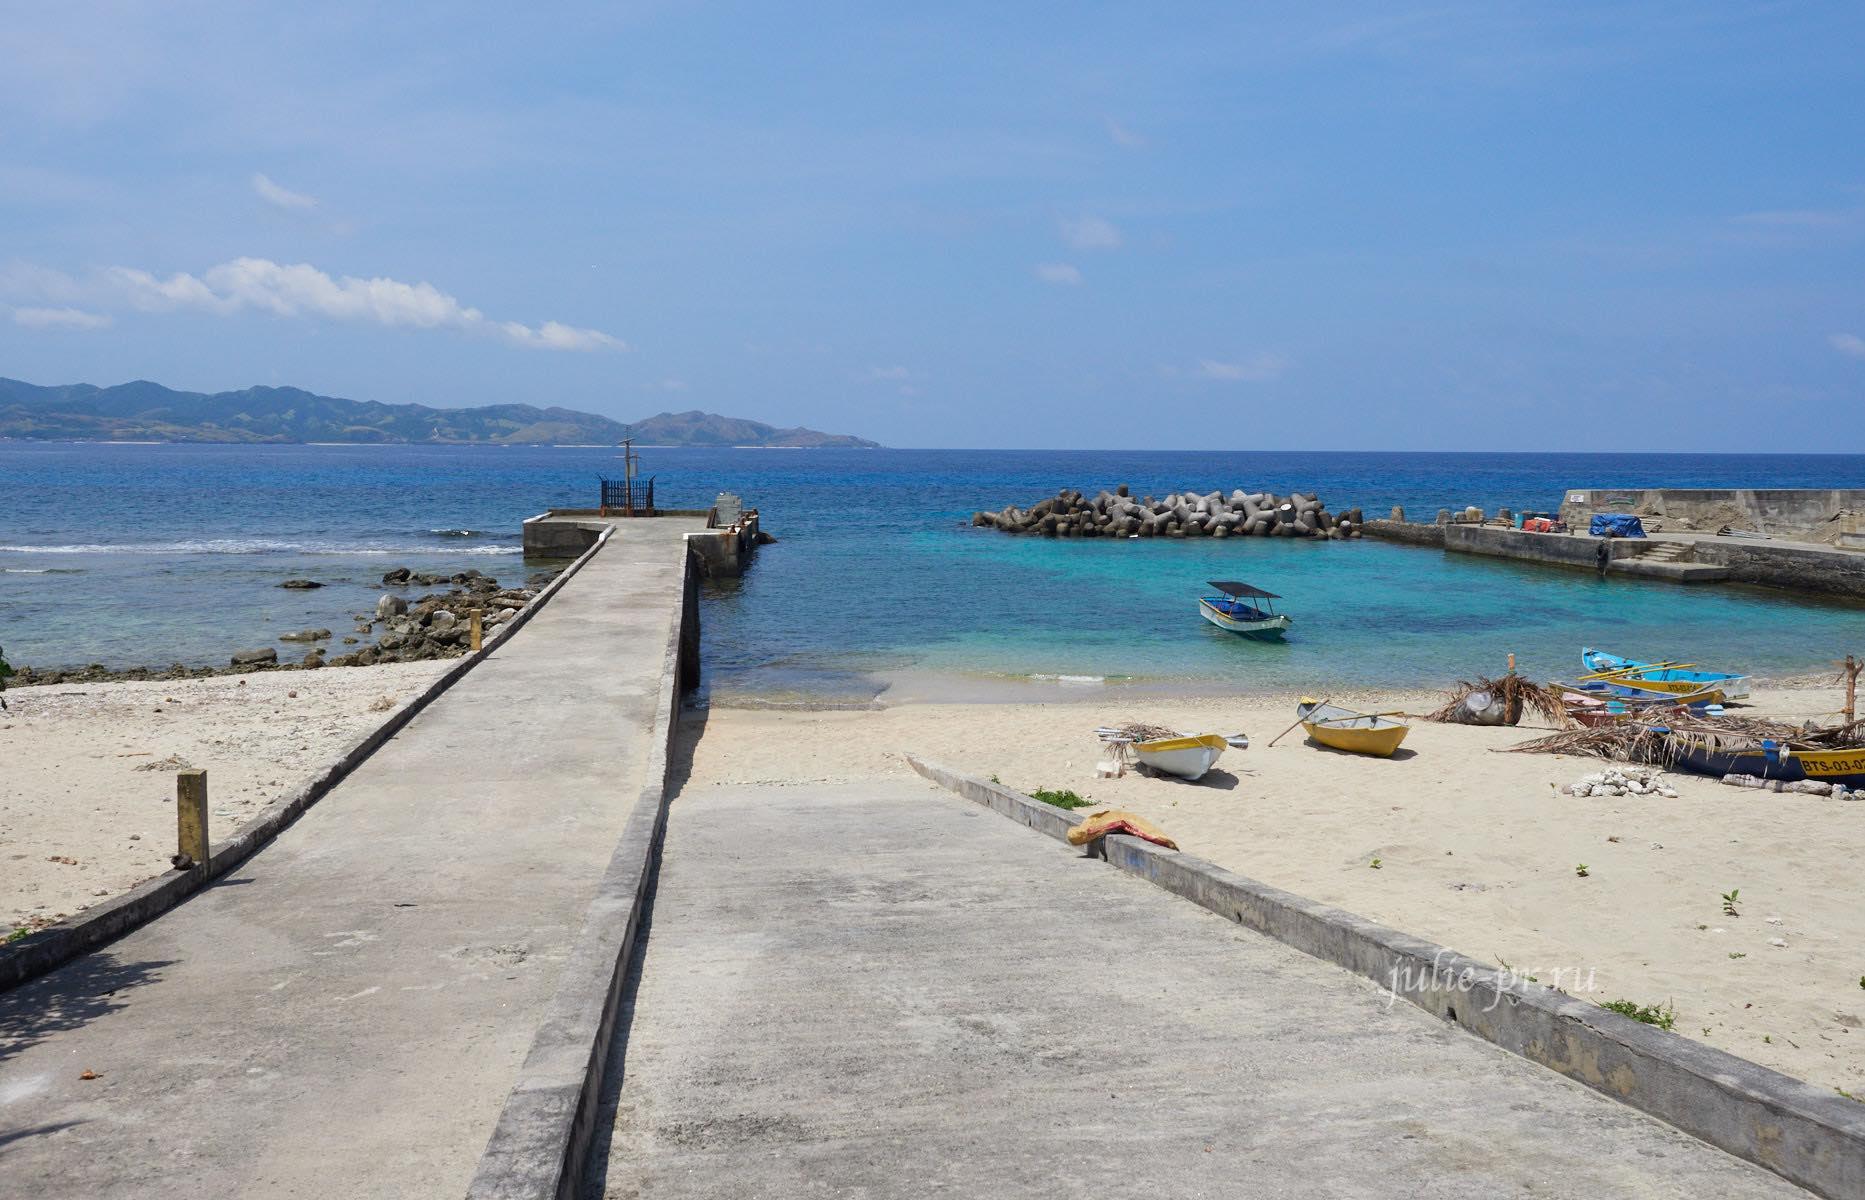 Филиппины, острова Батанес, Ивана, порт